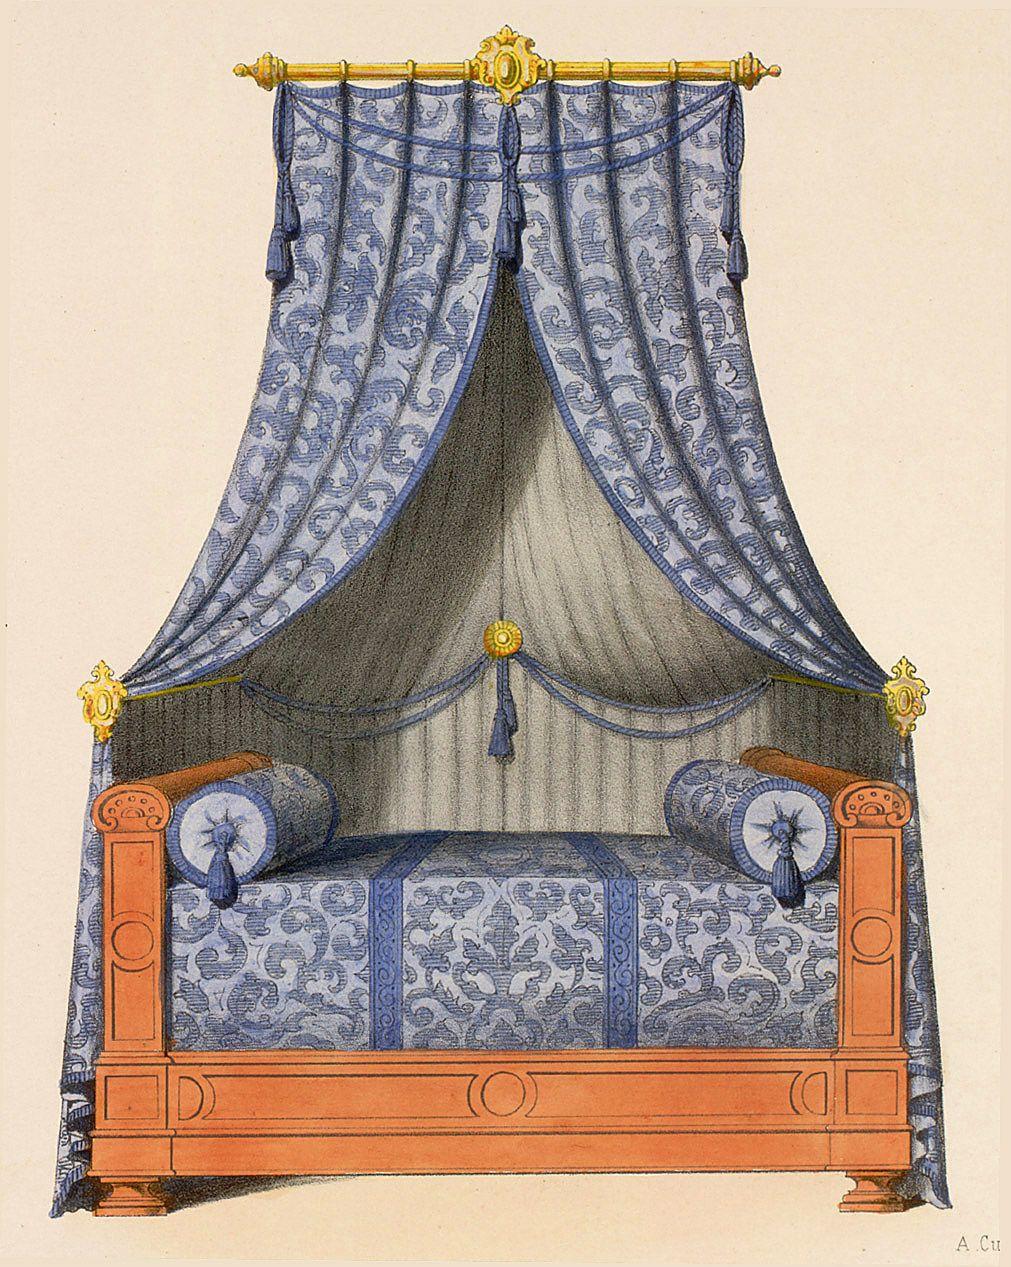 http://www.sil.si.edu/DigitalCollections/Art-Design/garde-meuble/images/c/sil12-2-035c.jpg